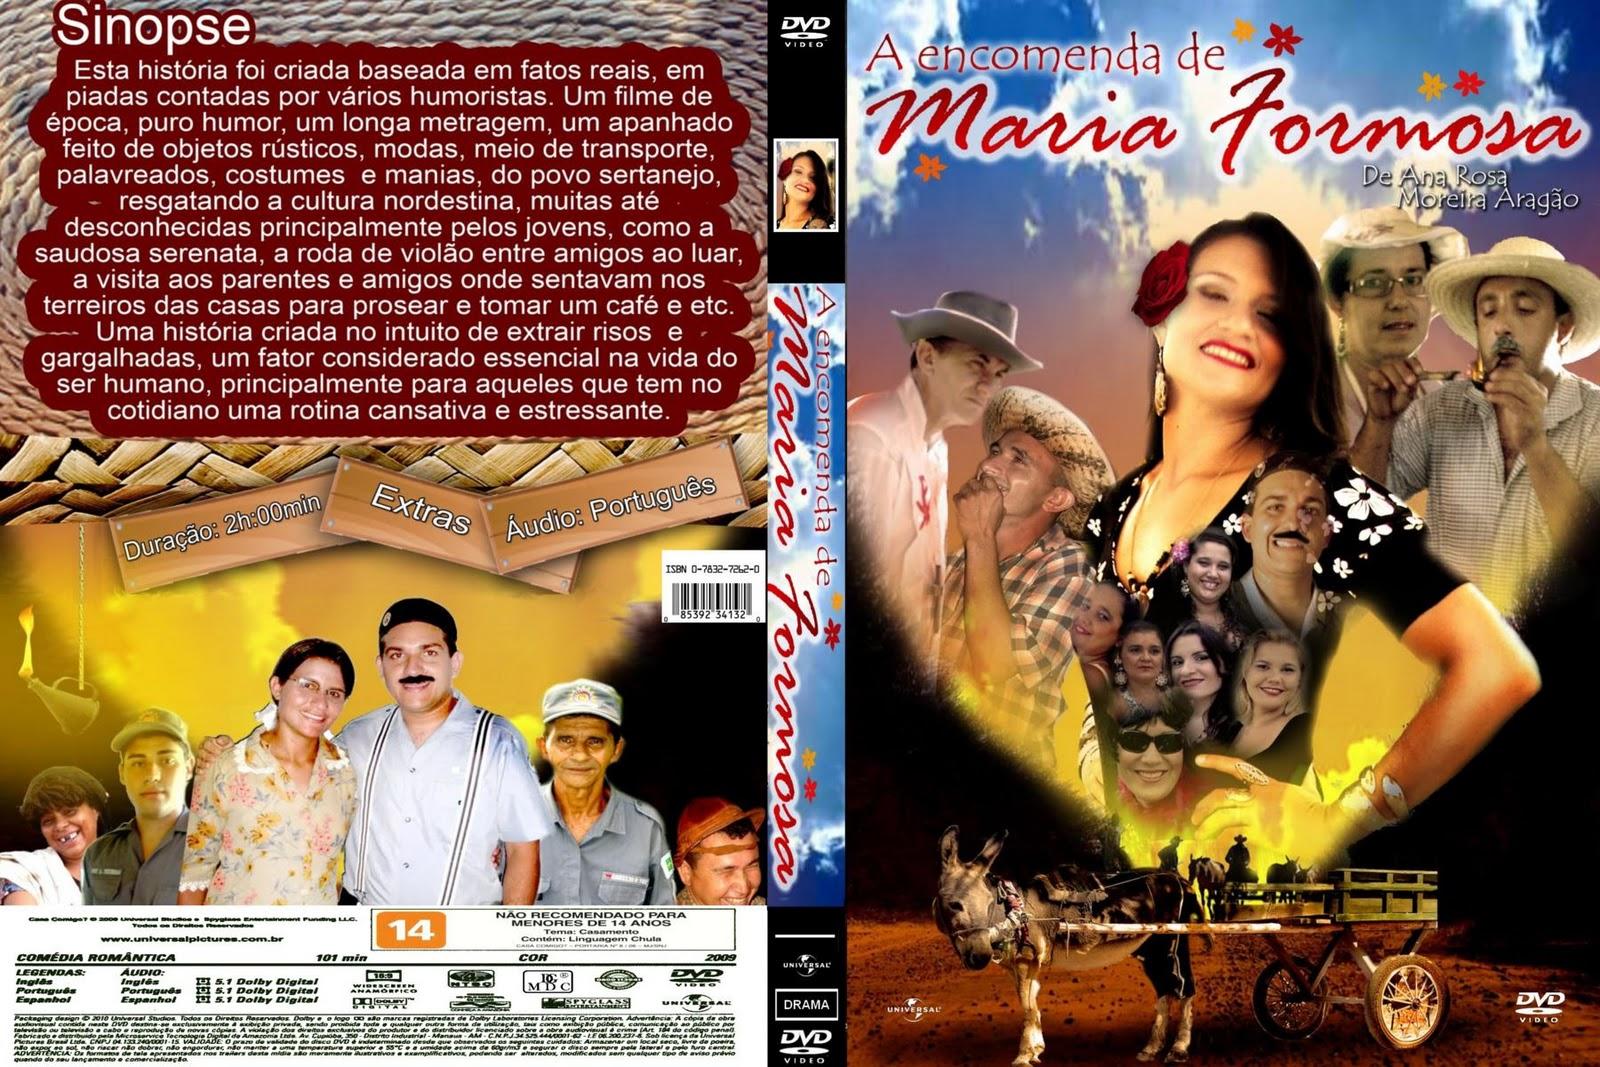 http://2.bp.blogspot.com/-XiFarIdpOs0/TyvJaWeXN9I/AAAAAAAABRY/3C6nWzO0oPw/s1600/Maria_formosa.jpg